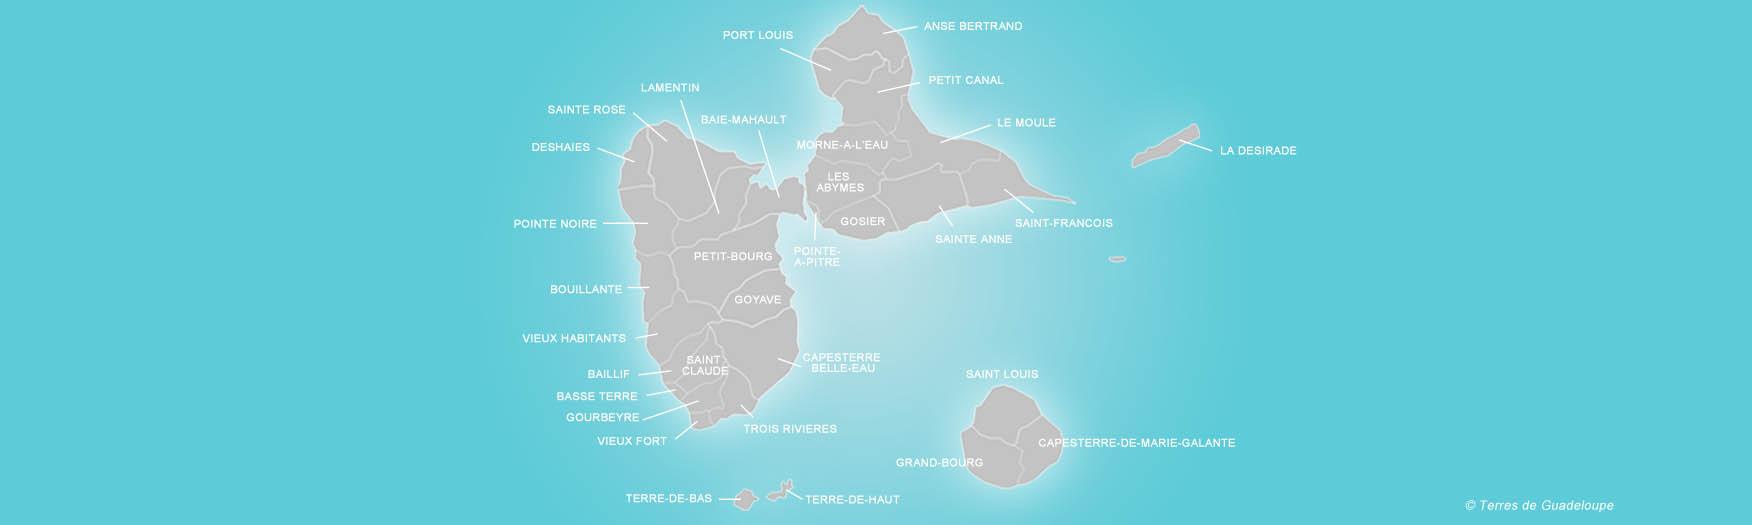 Les communes de Guadeloupe